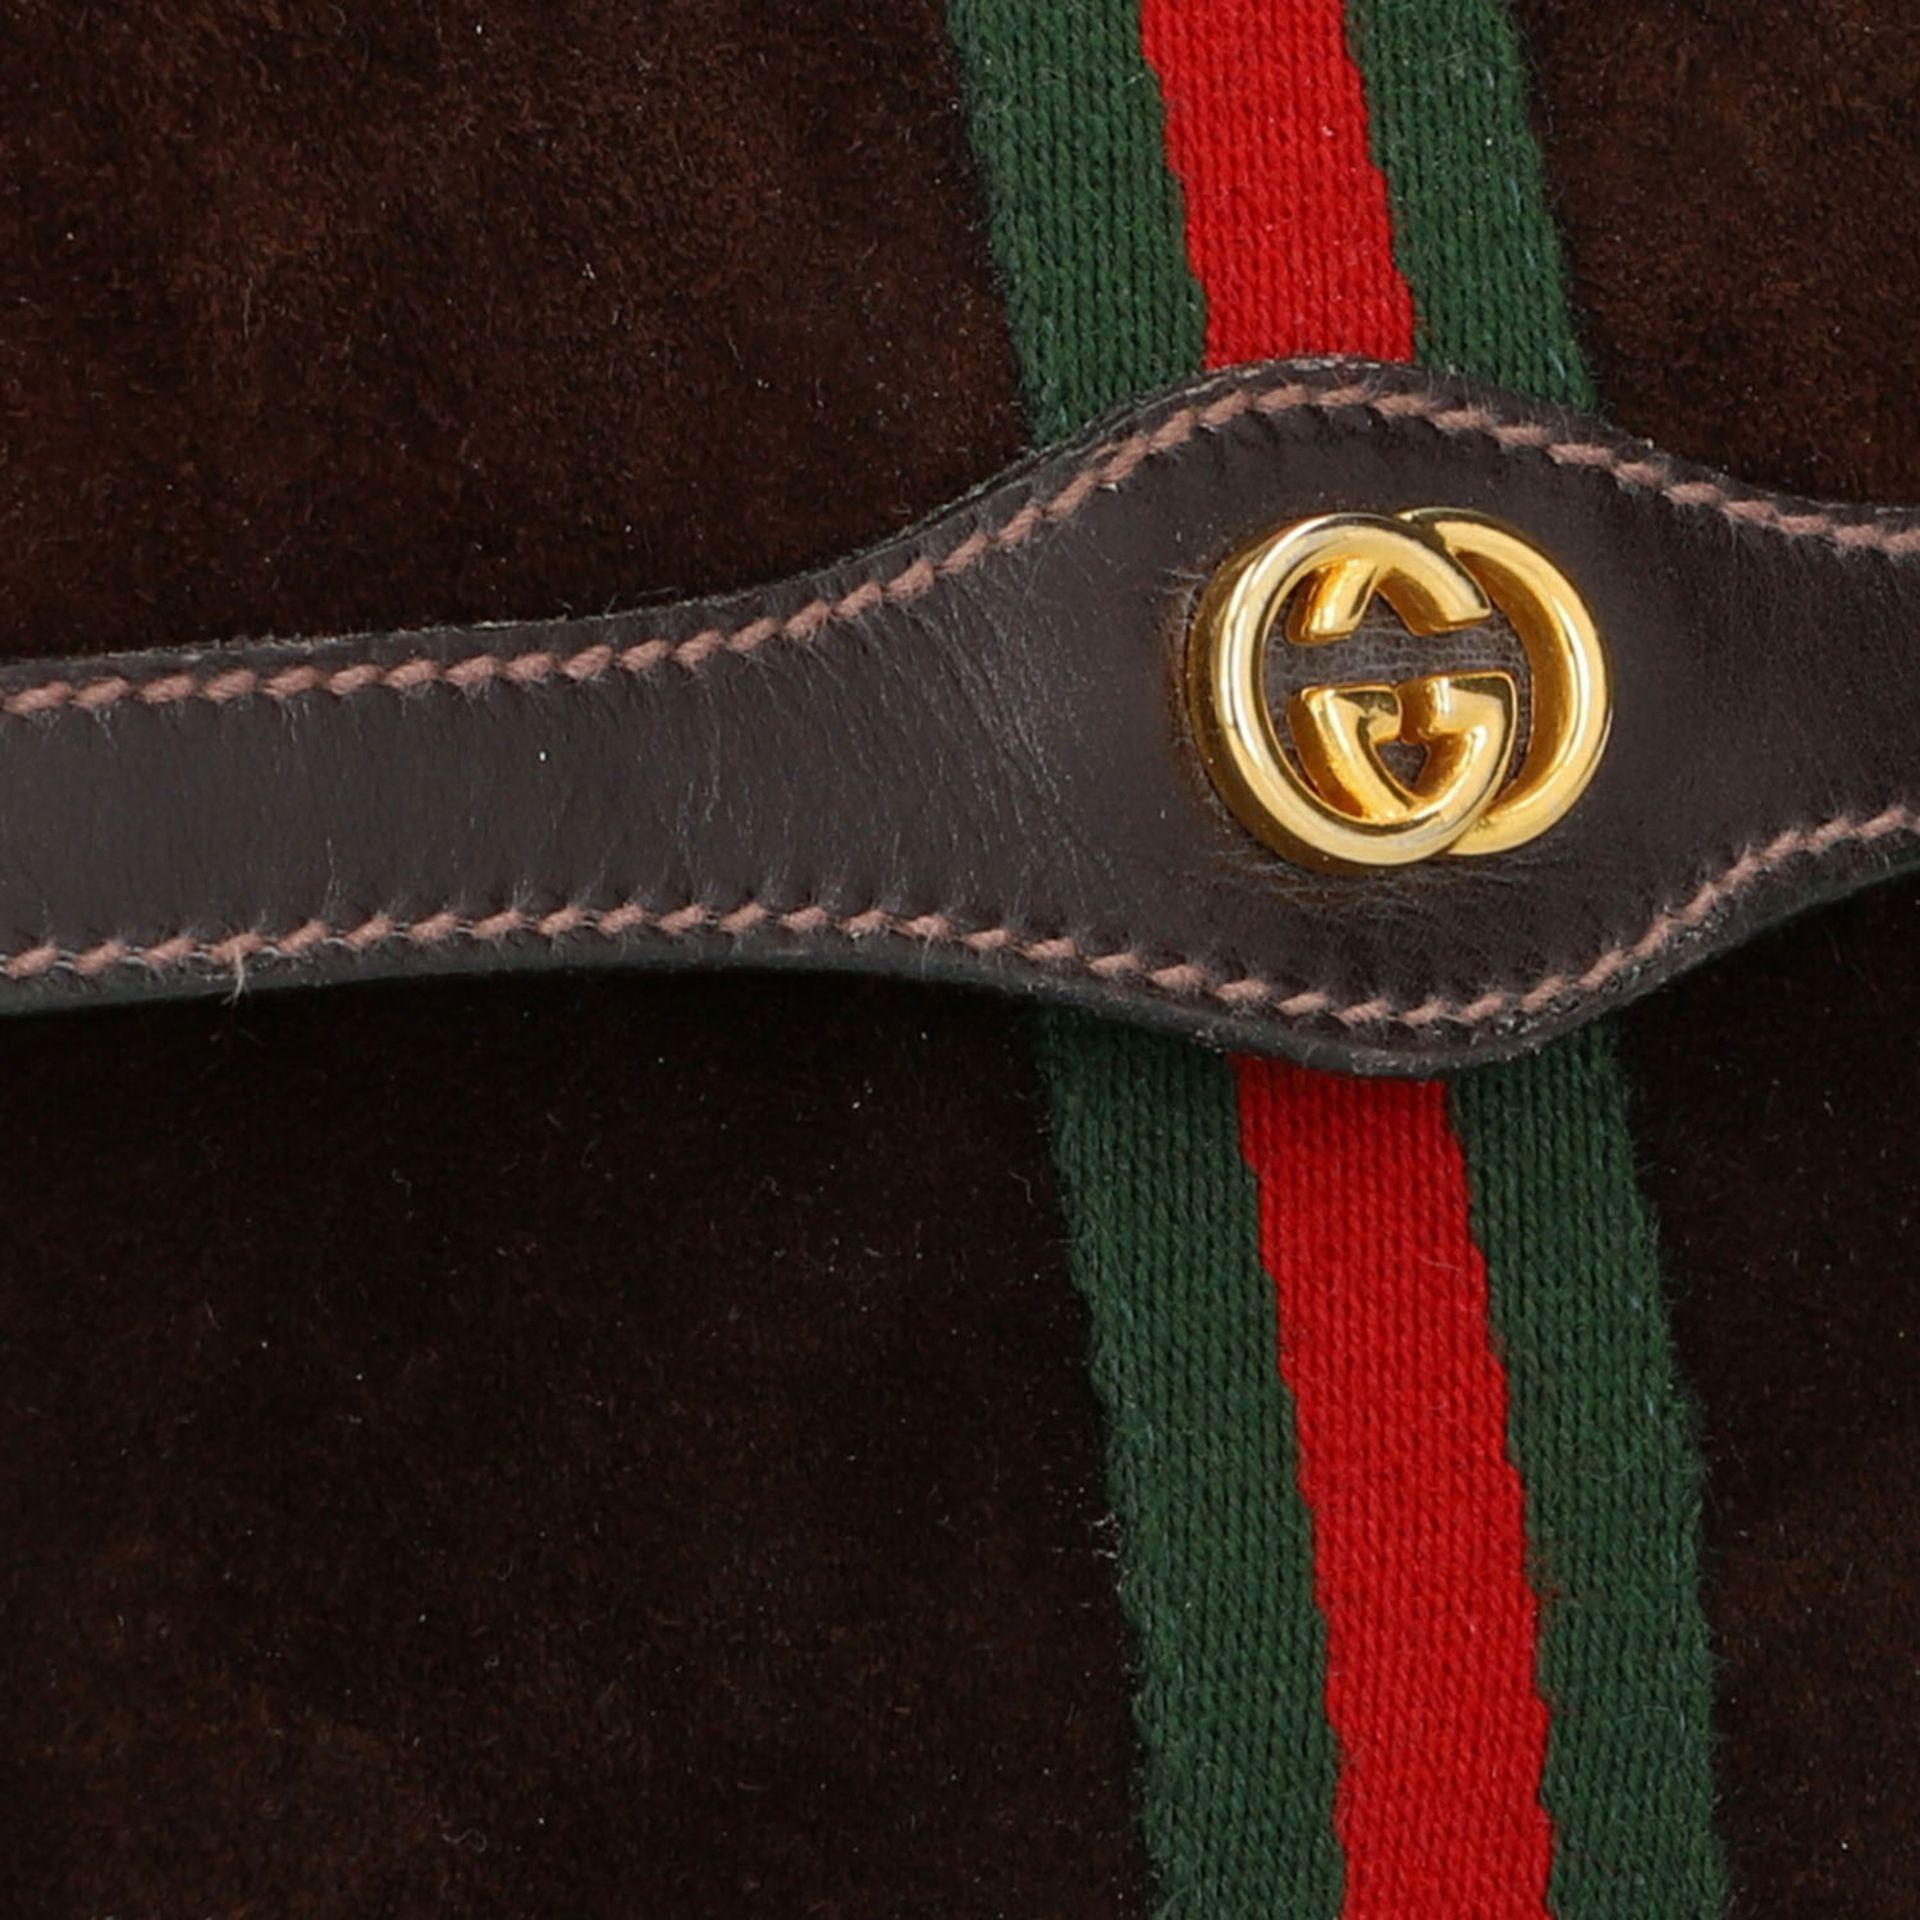 GUCCI PARFUMS VINTAGE Umhängetasche.Wildleder in Dunkelbraun mit Details aus Glattled - Image 7 of 8